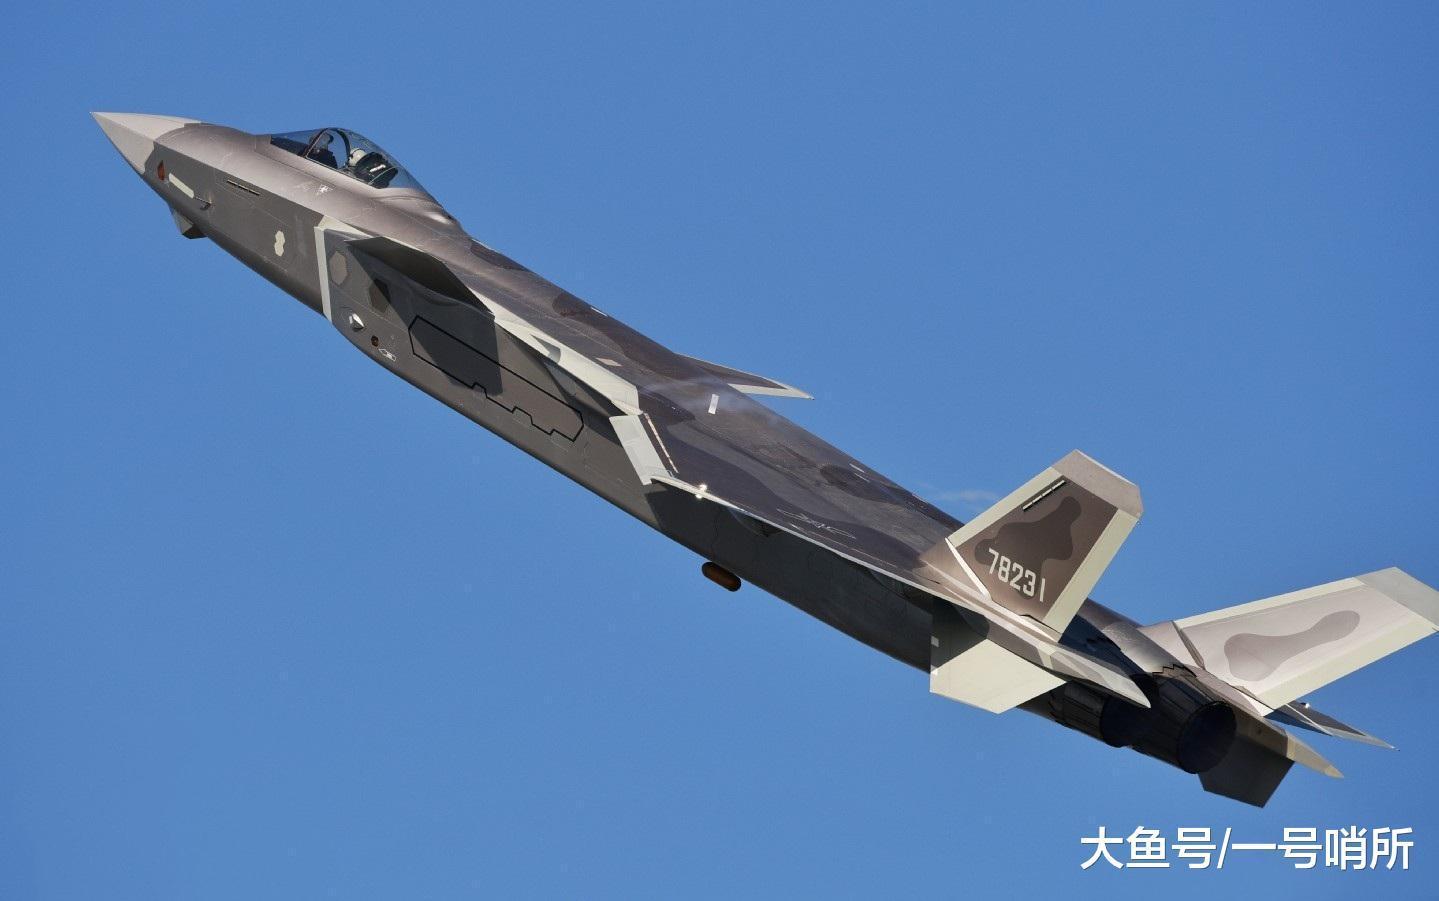 印空军指挥官: 苏-30可发现歼-20? 这次连美国人都忍不住破口大骂